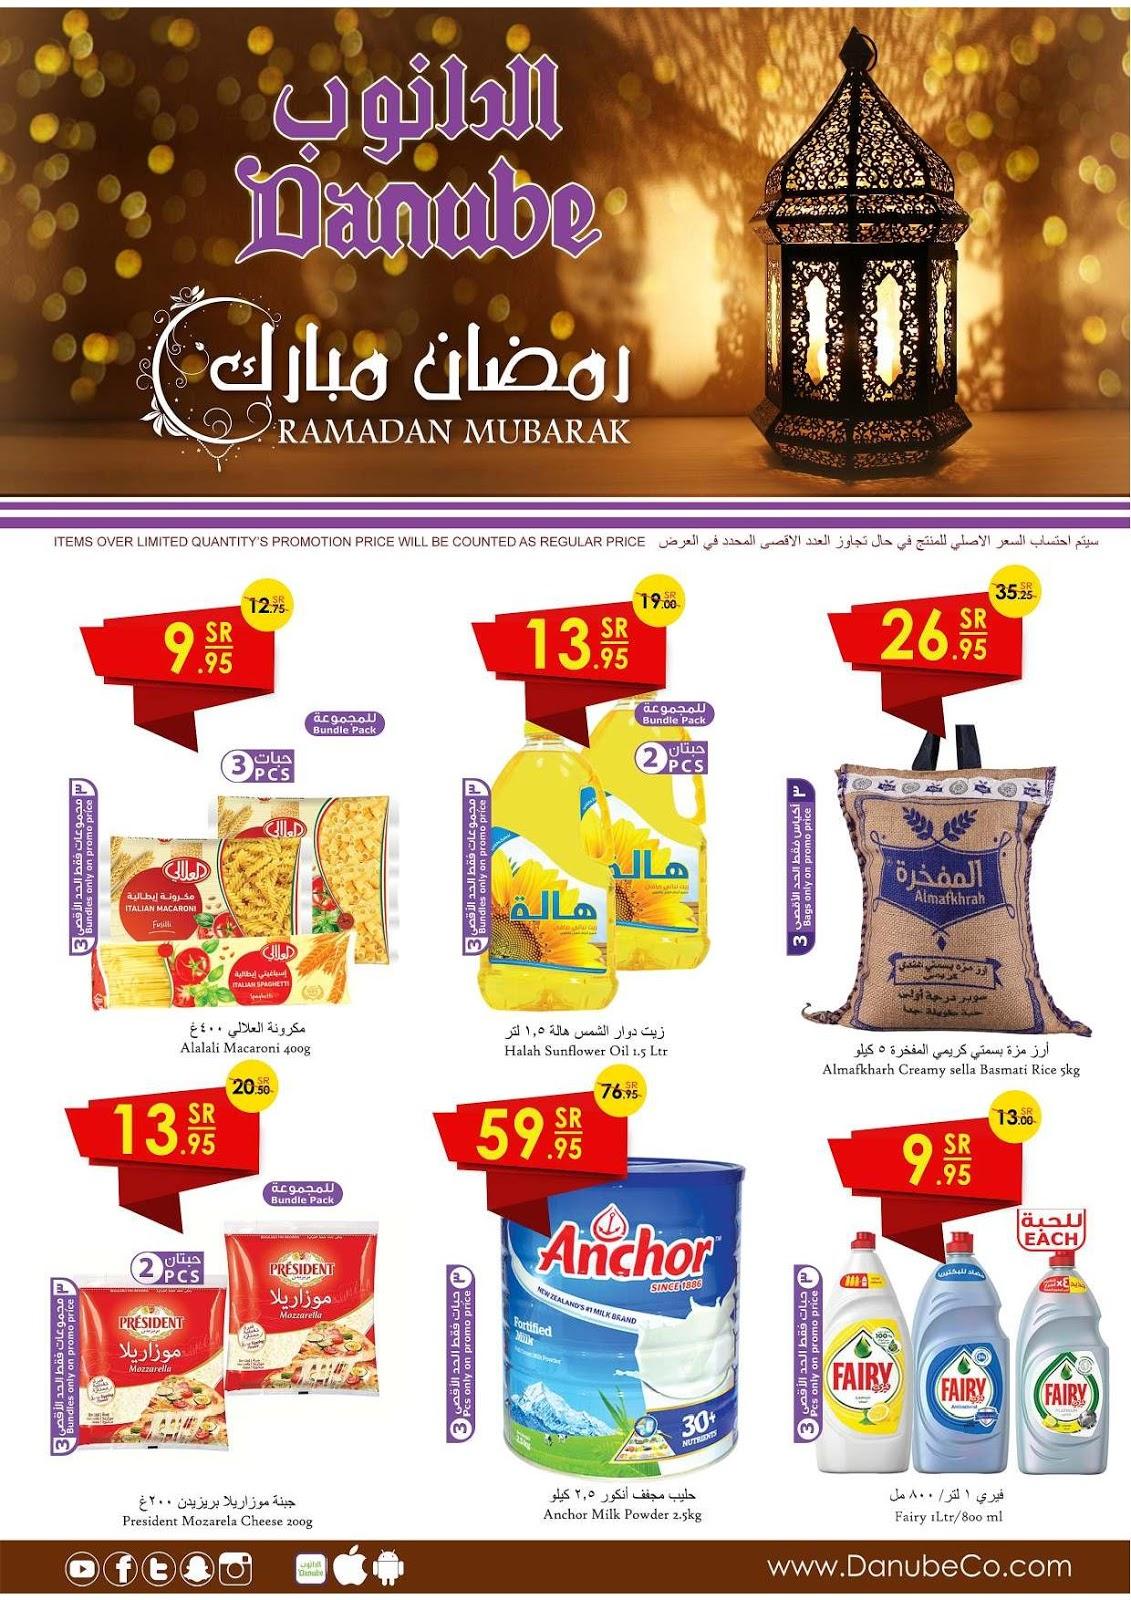 عروض الدانوب الشرقية الاسبوعية من 8 ابريل حتى 14 ابريل 2020 رمضان مبارك